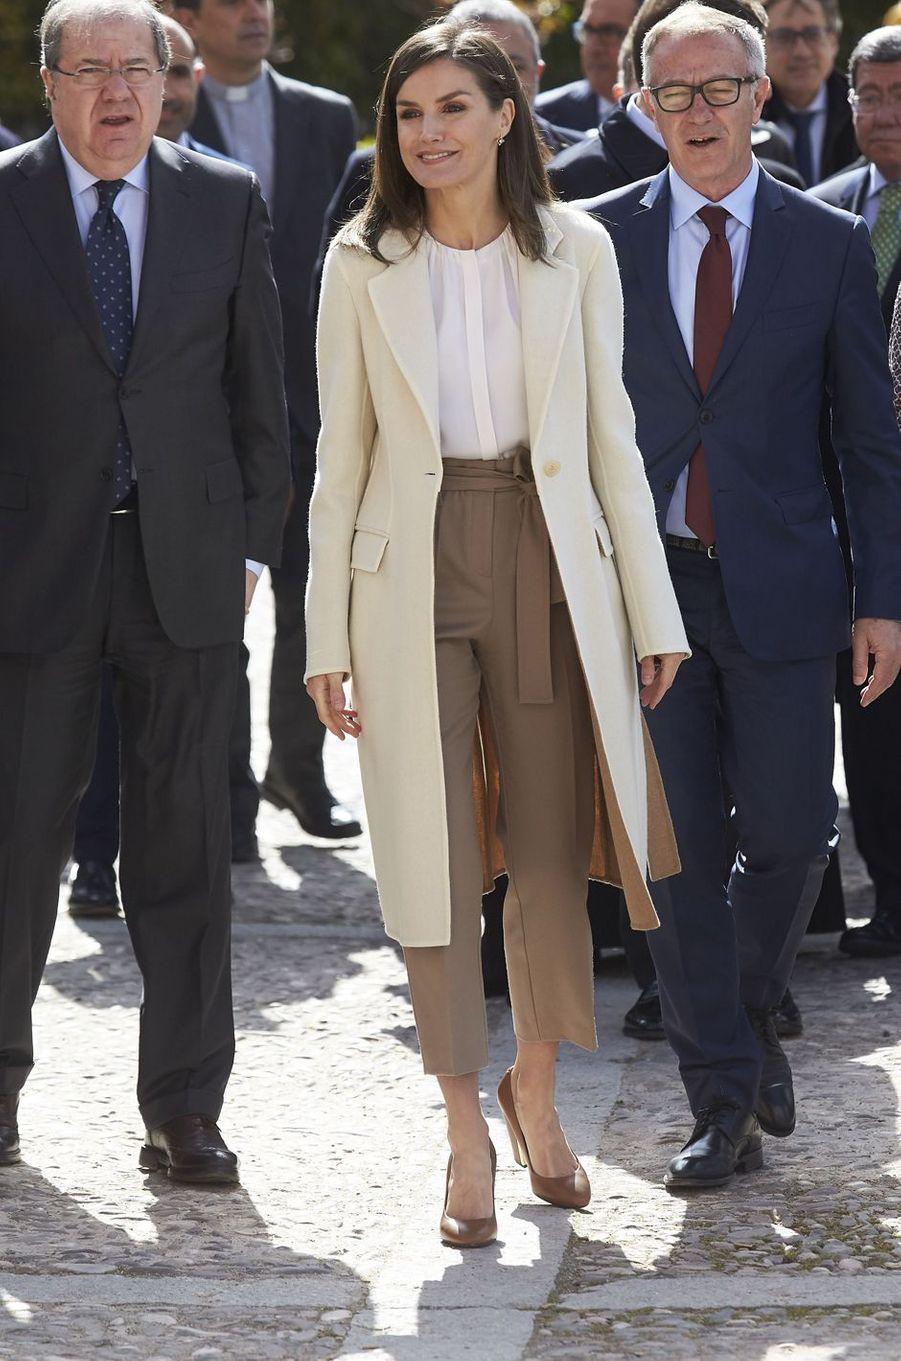 La reine Letizia d'Espagne, en beige et blanc, à Lerma le 11 avril 2019